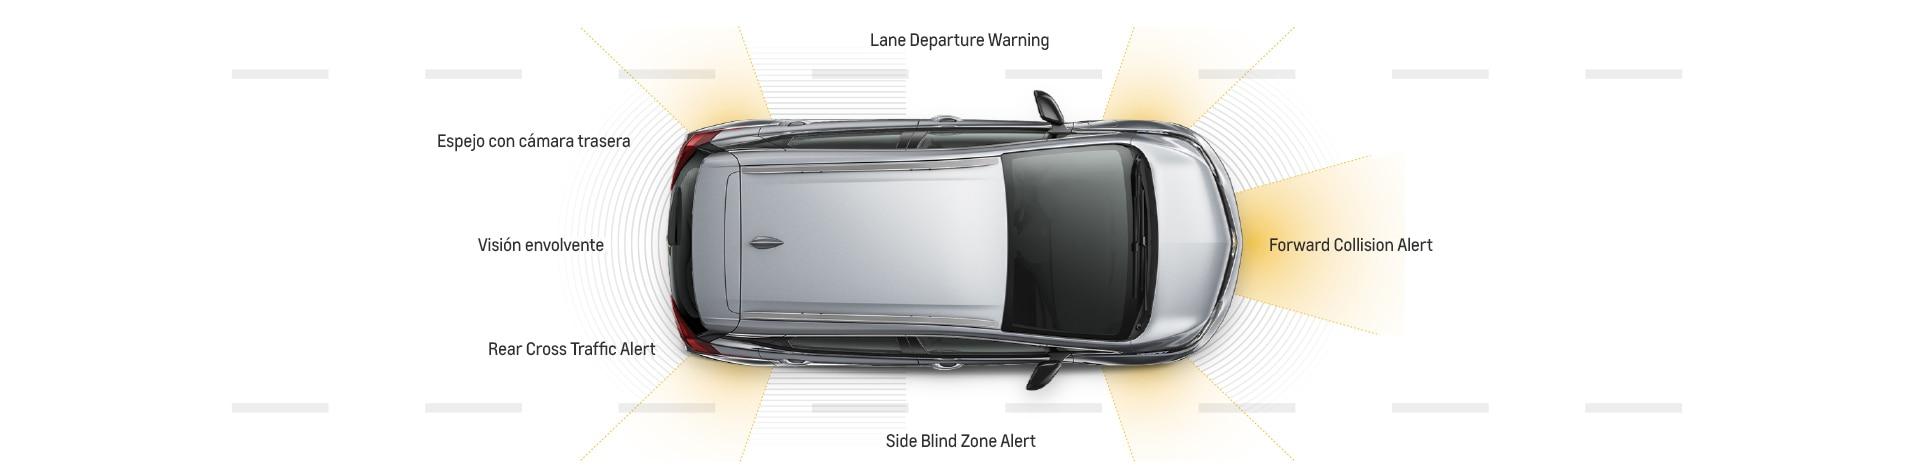 Seguridad del vehículo totalmente eléctrico Bolt EV 2017: características avanzadas de seguridad, alertas